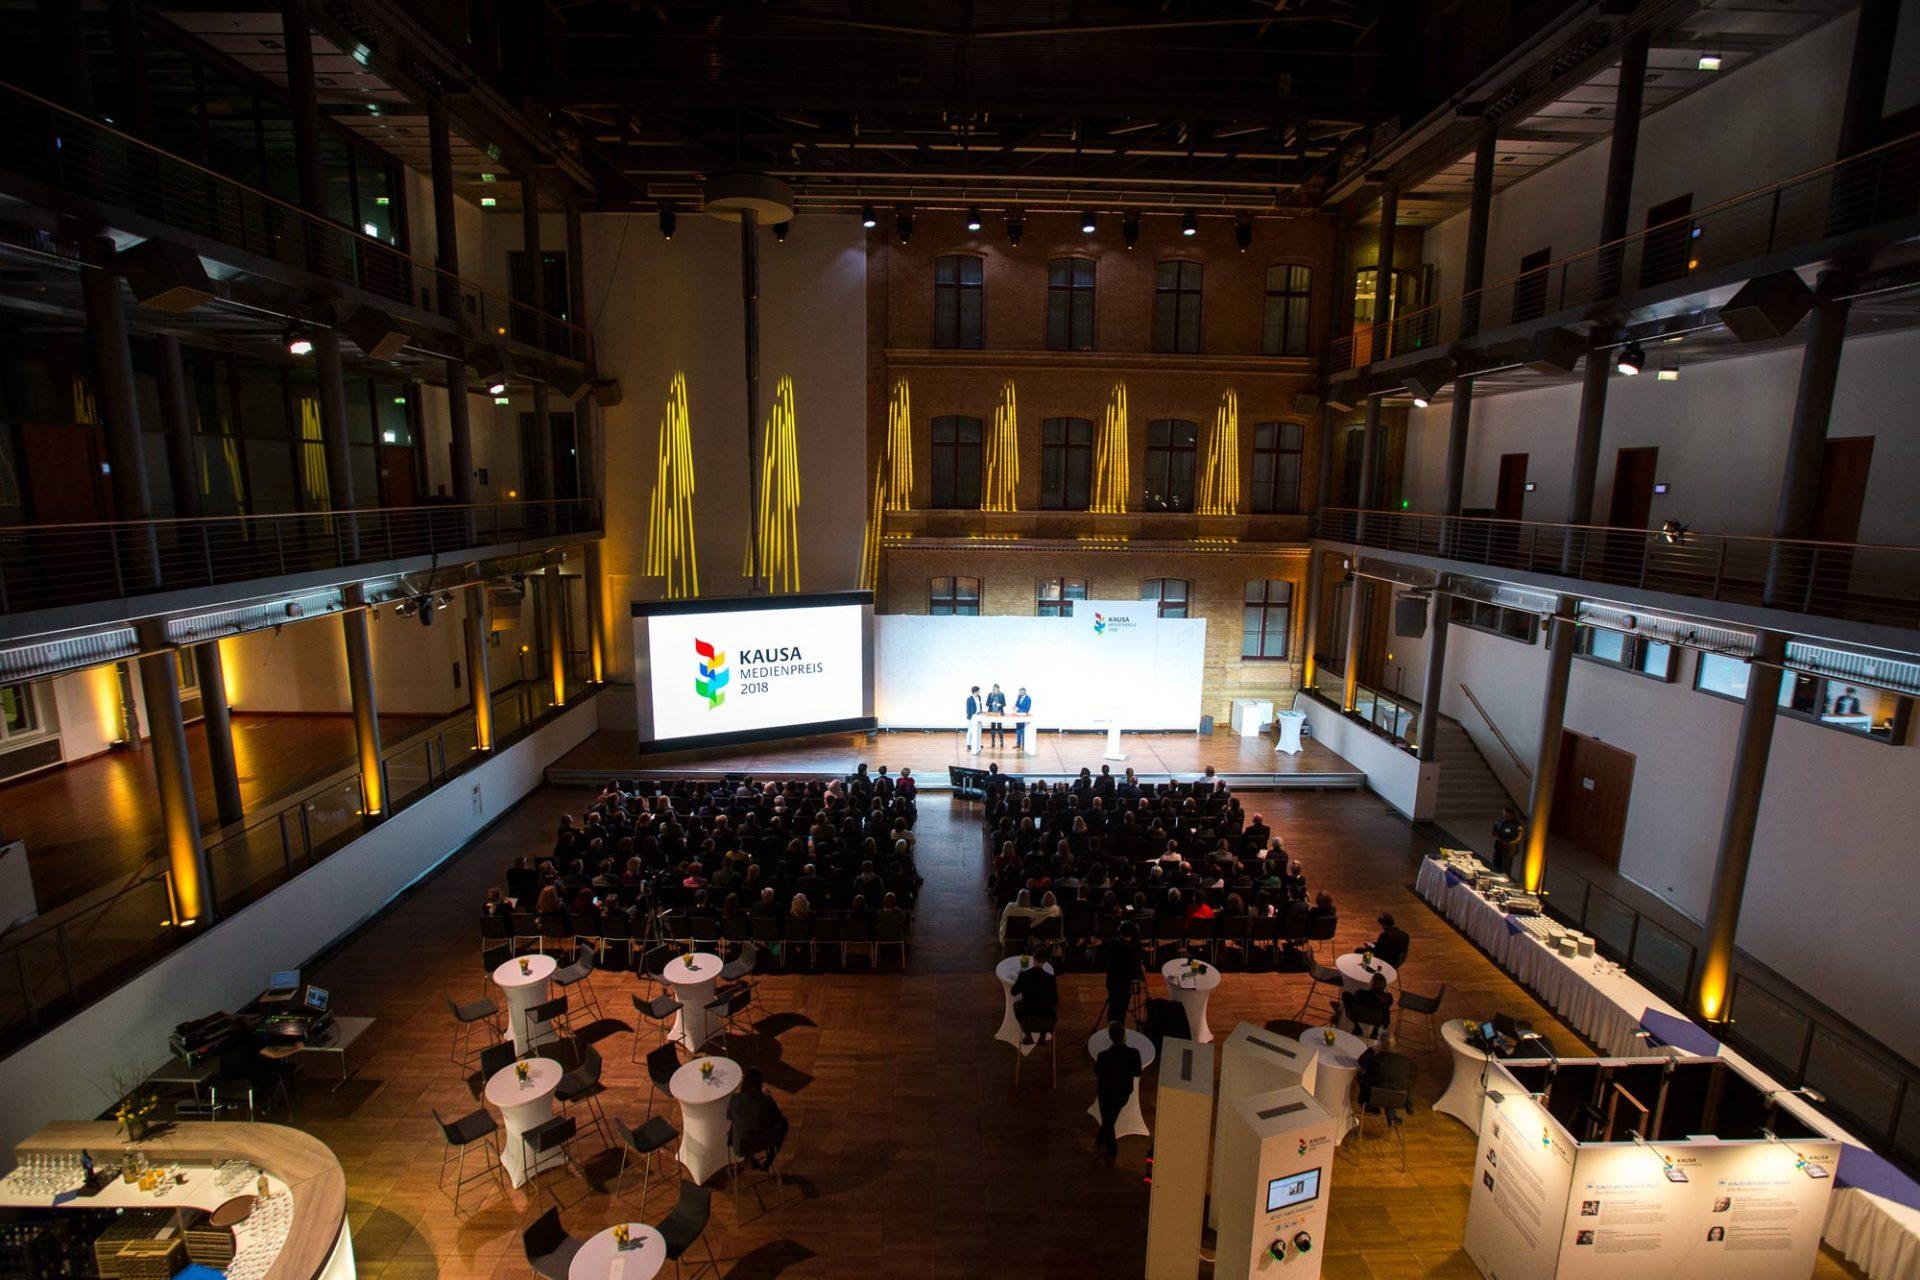 KAUSA Medienpreis 2018 @ Berlin © offenblende.de